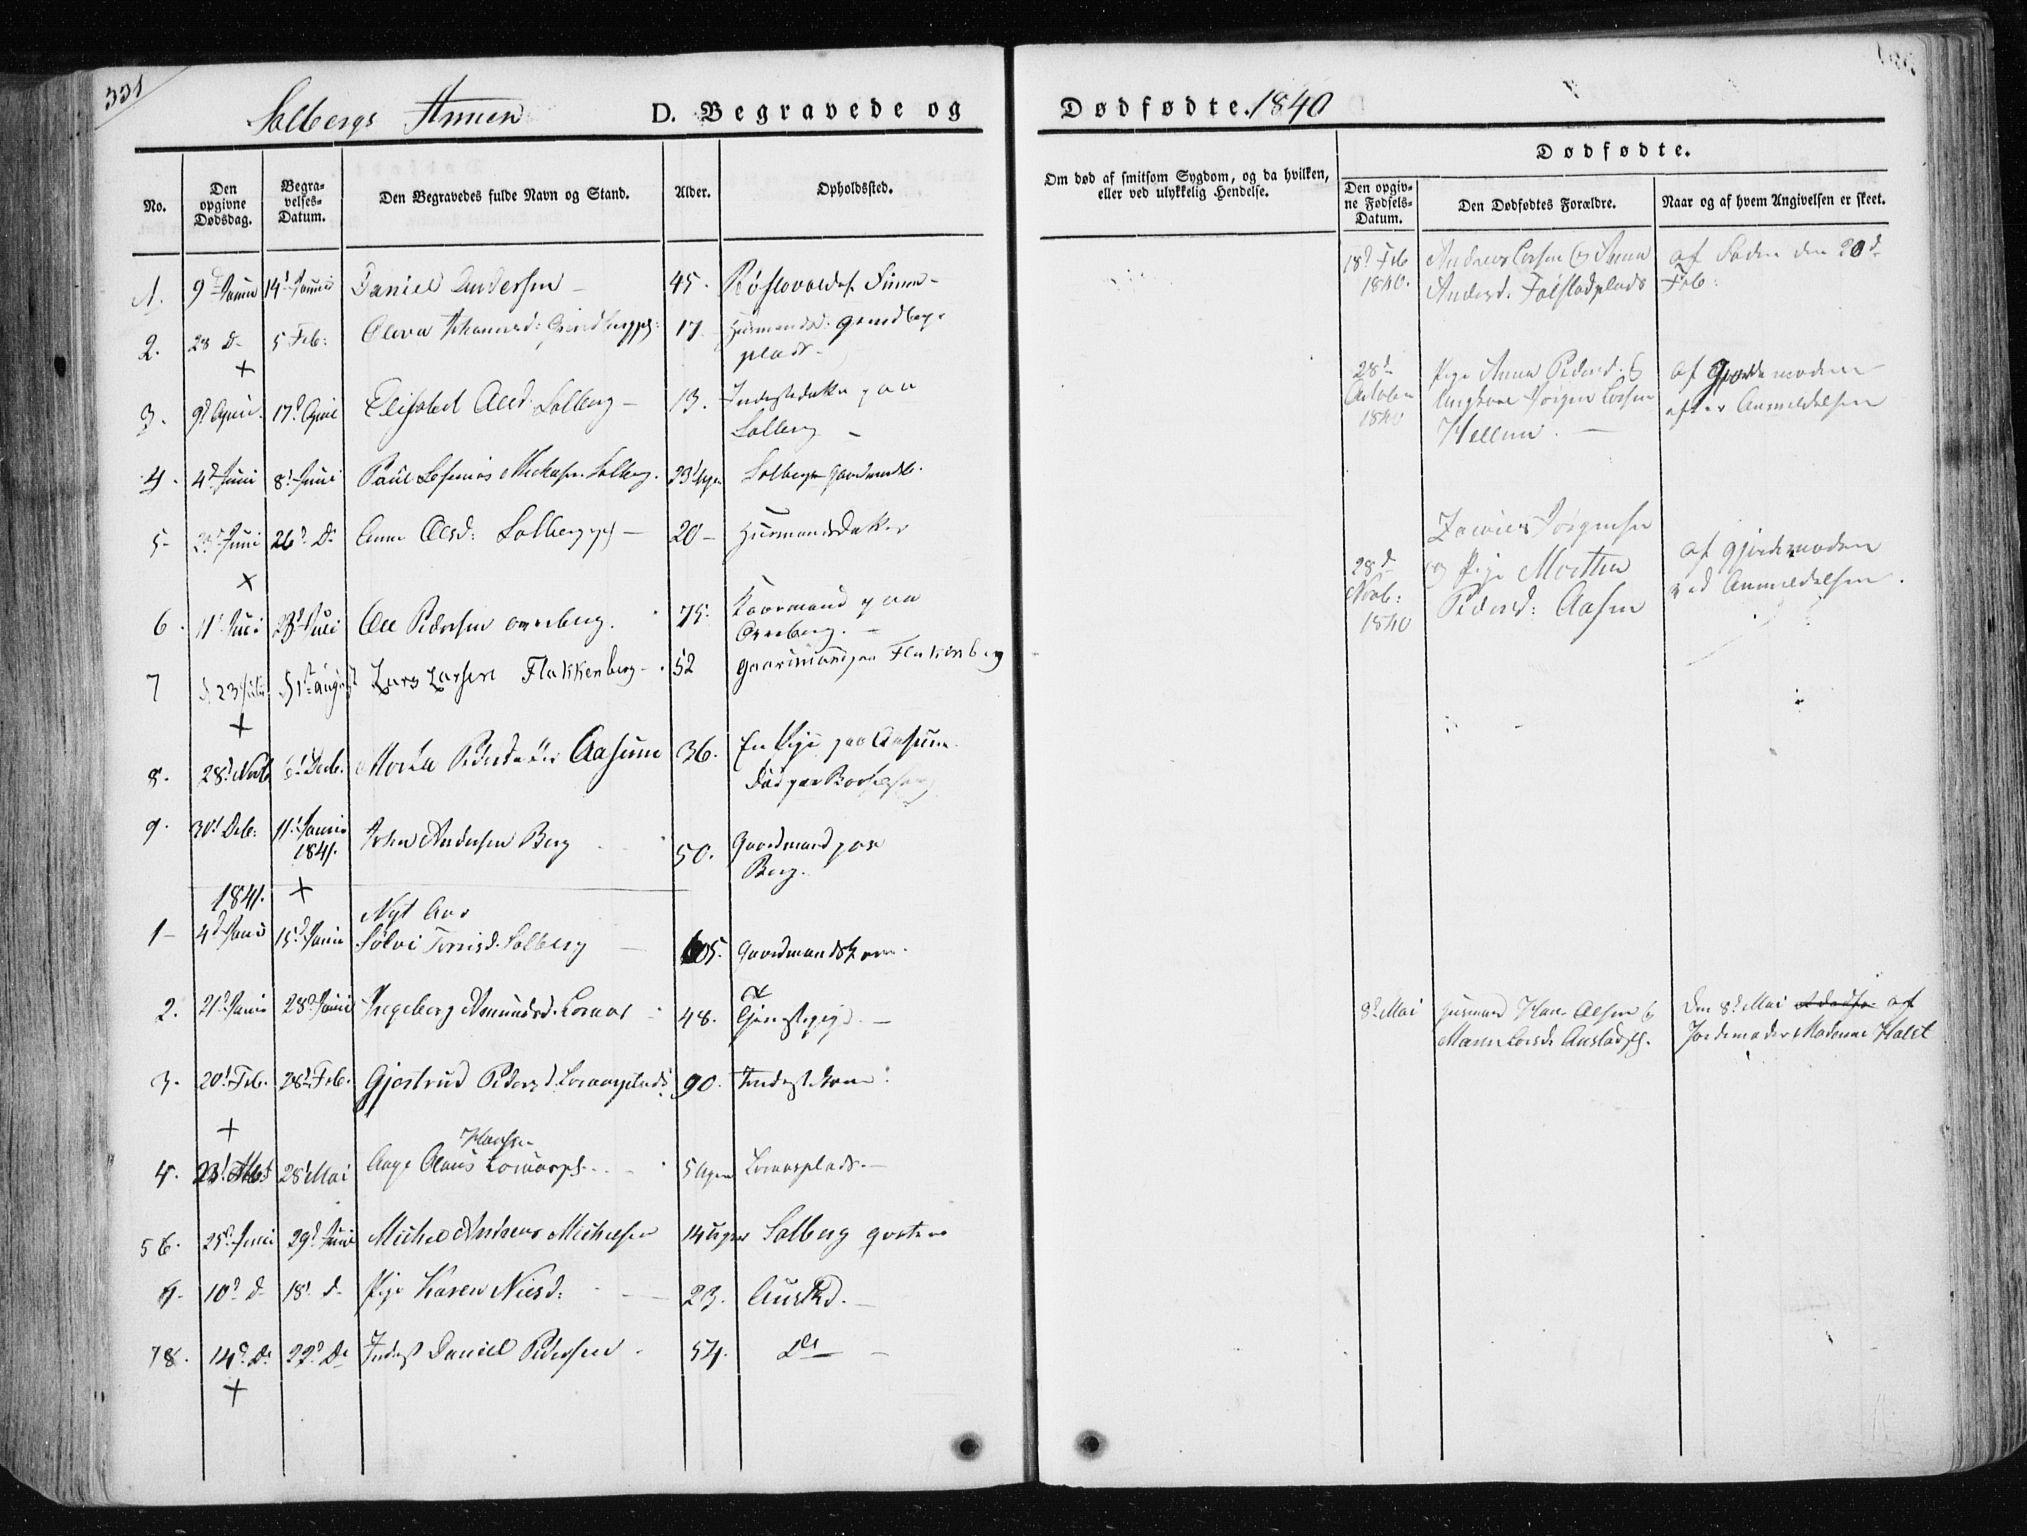 SAT, Ministerialprotokoller, klokkerbøker og fødselsregistre - Nord-Trøndelag, 730/L0280: Parish register (official) no. 730A07 /2, 1840-1854, p. 321